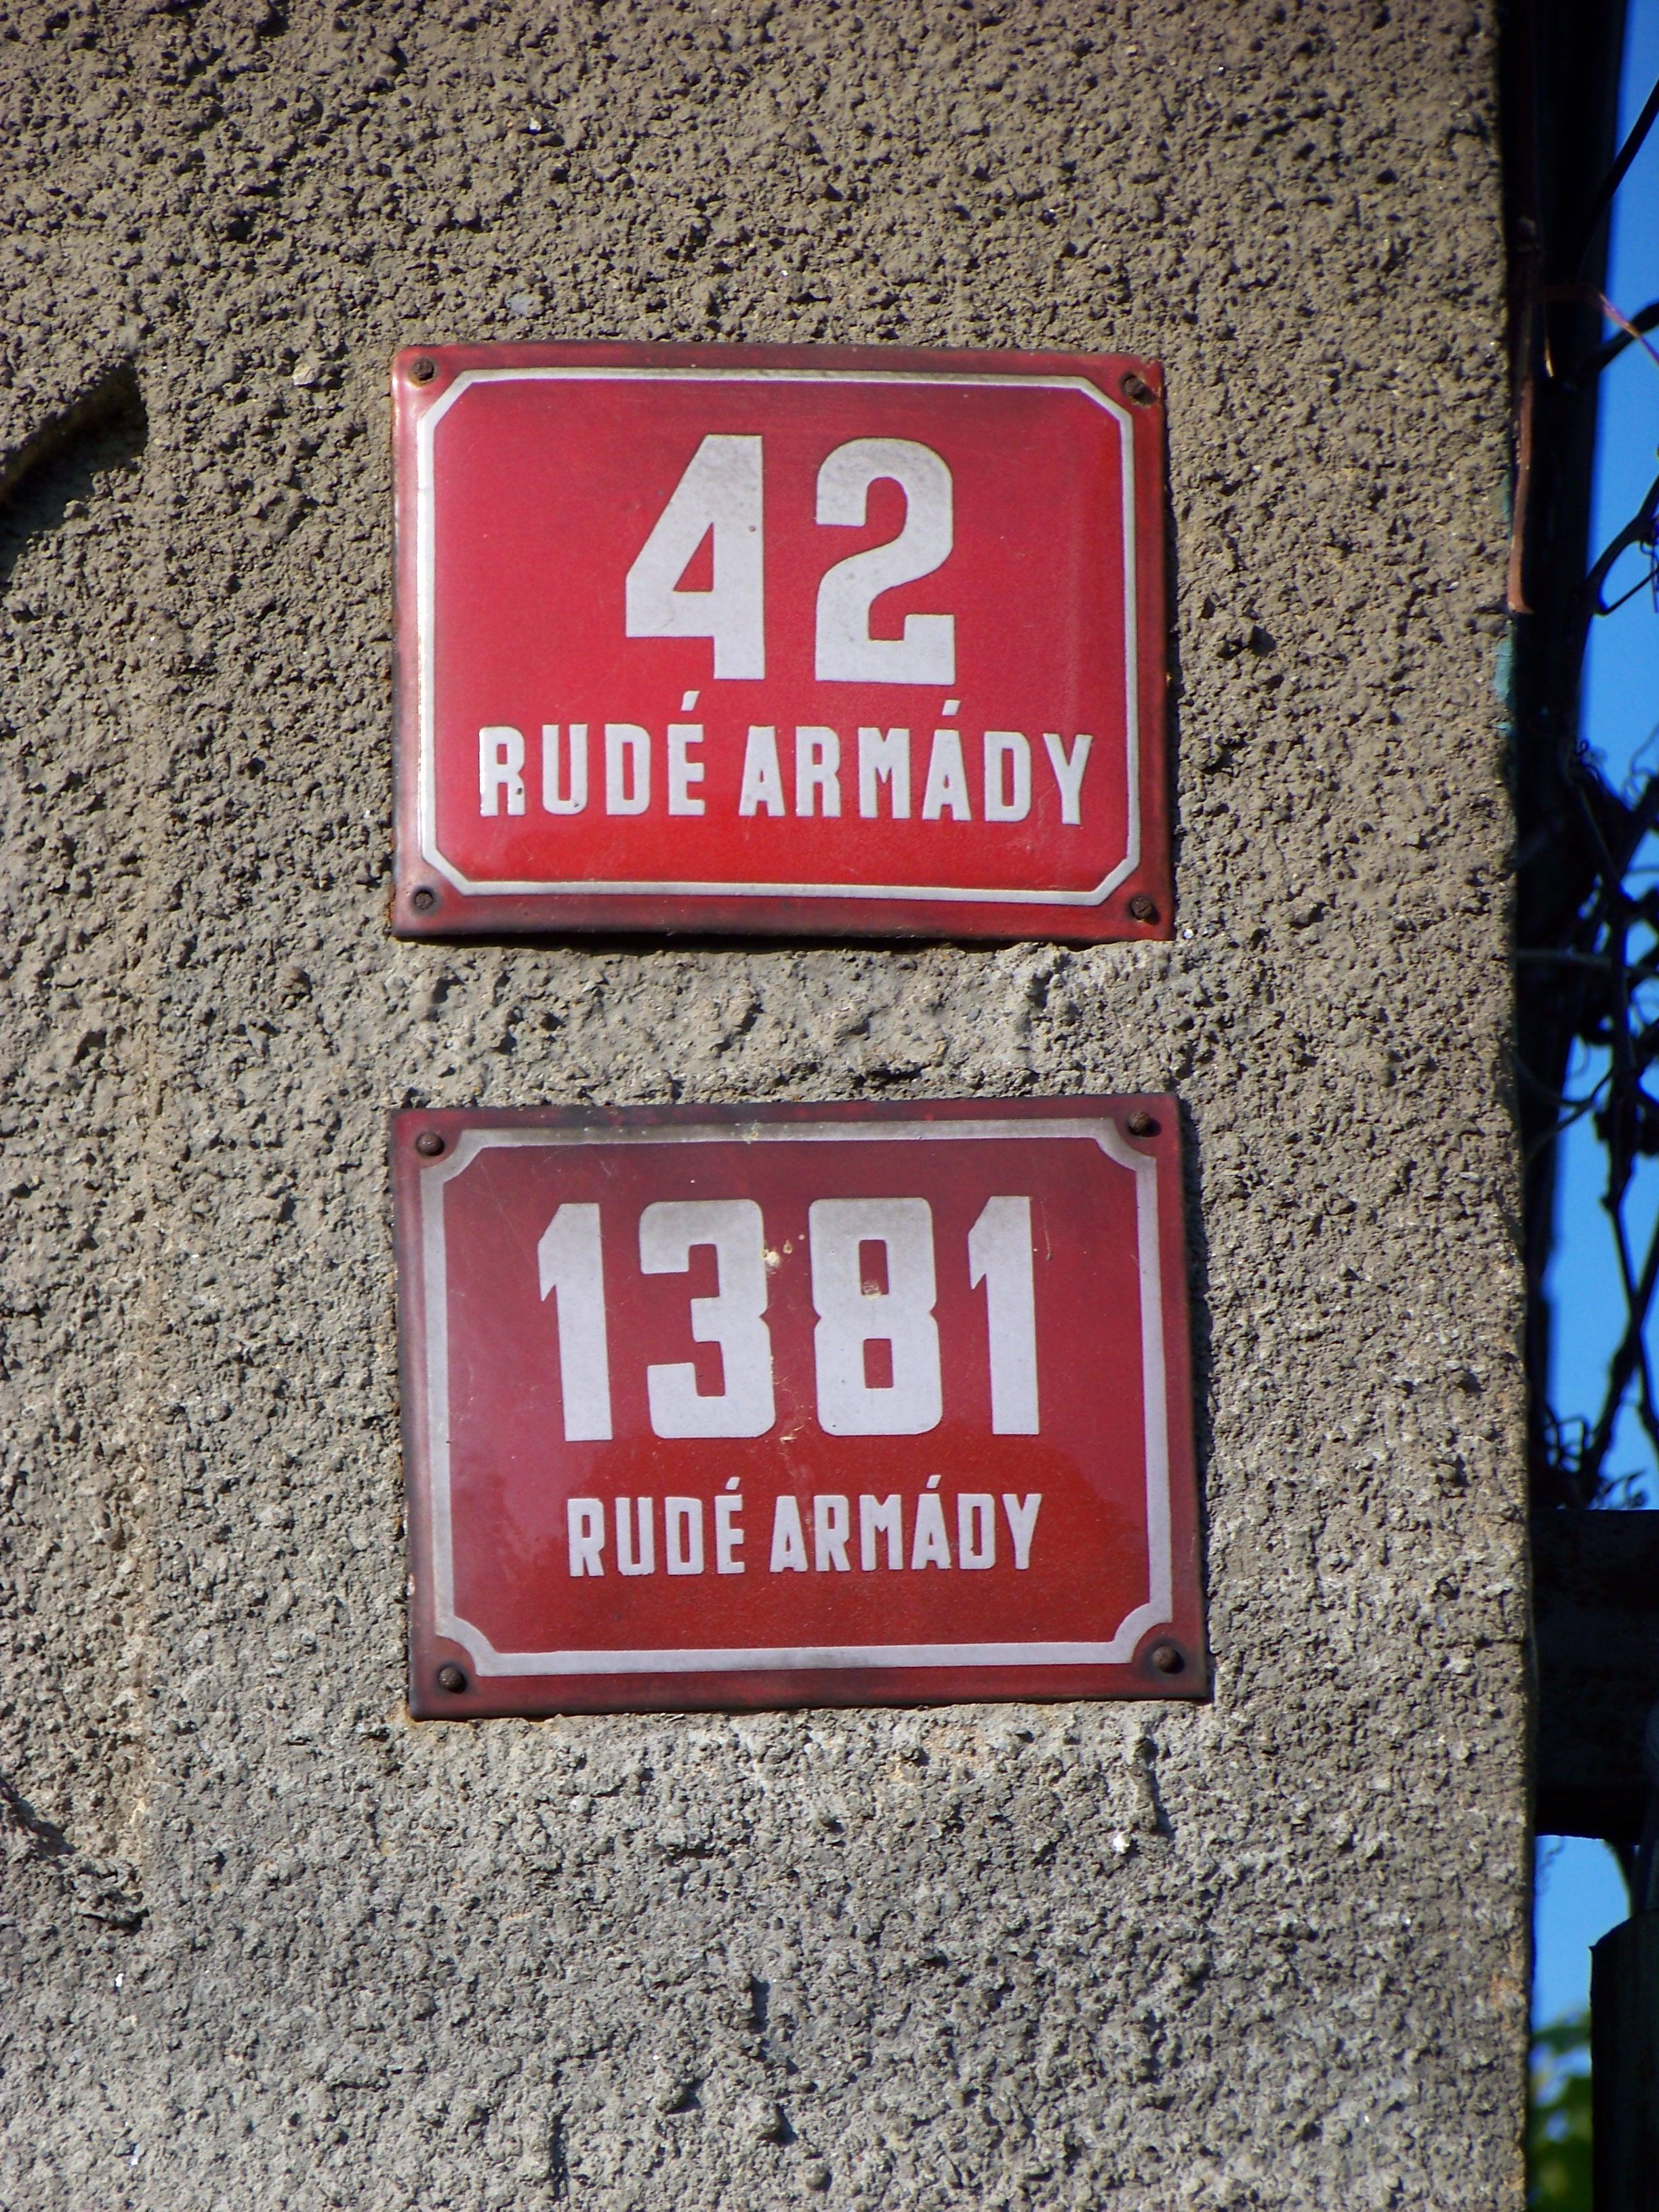 File:Božanovská 51, Rudé armády 42 a 1381.jpg